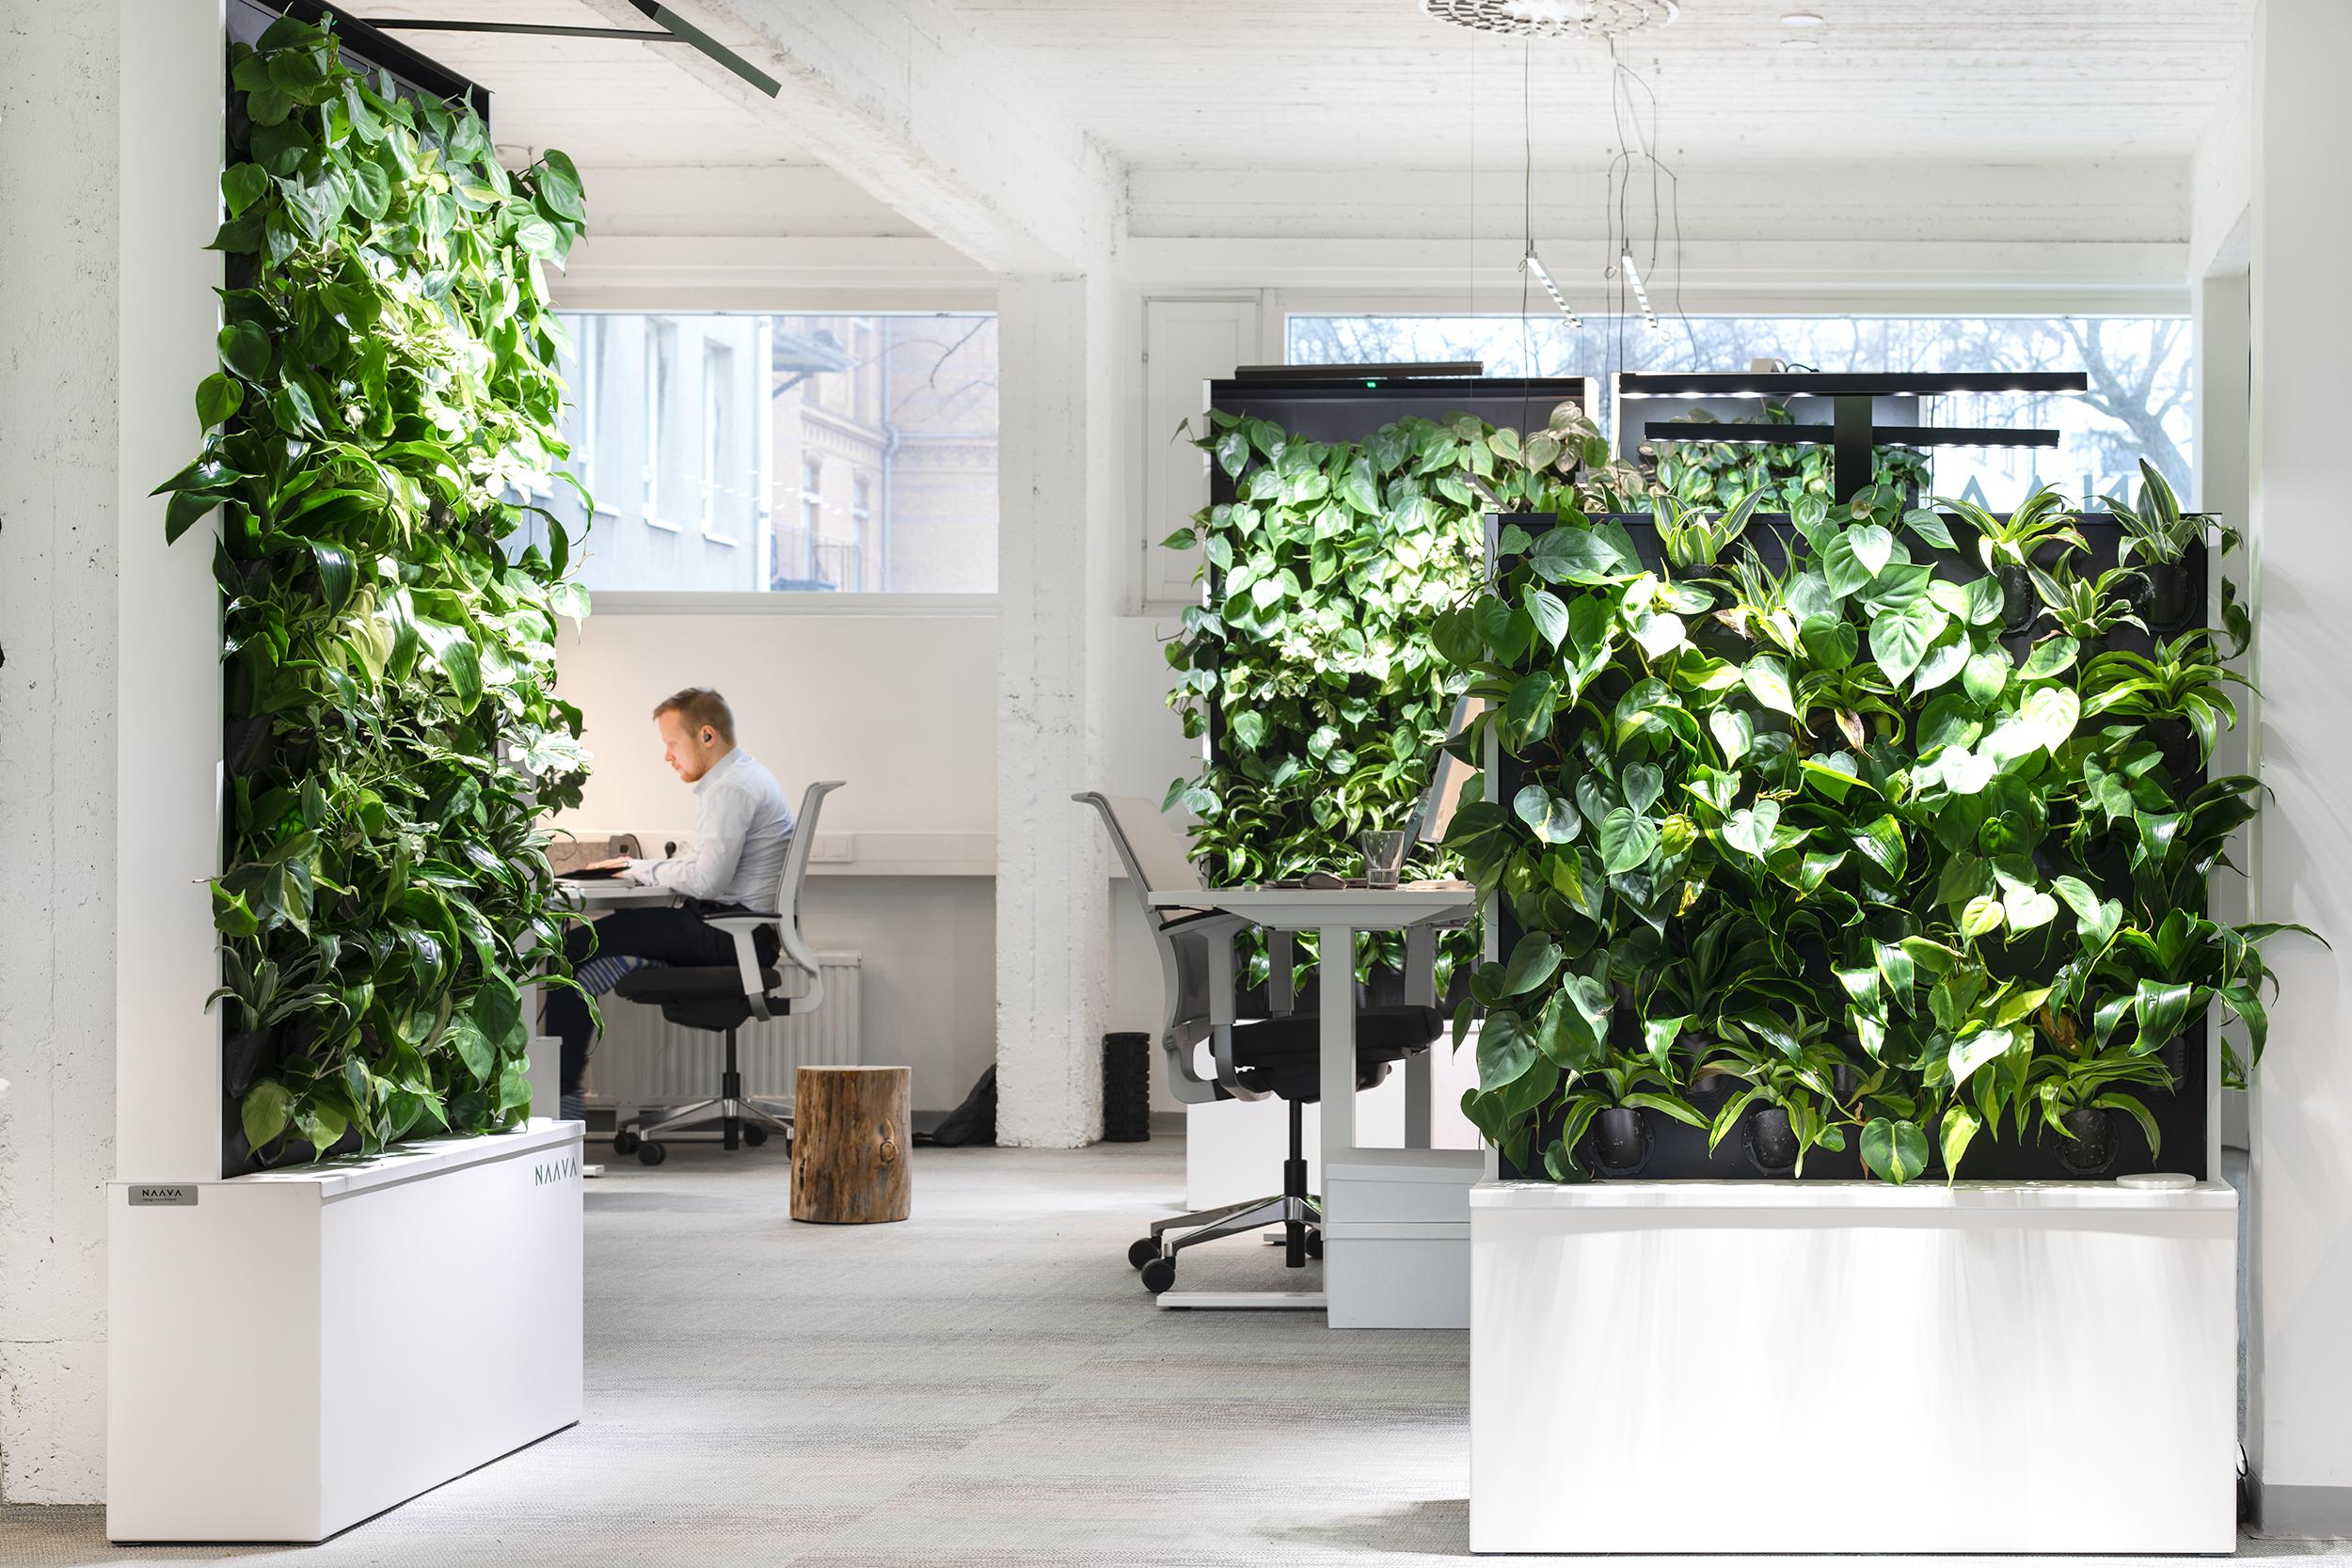 Naava HKI office